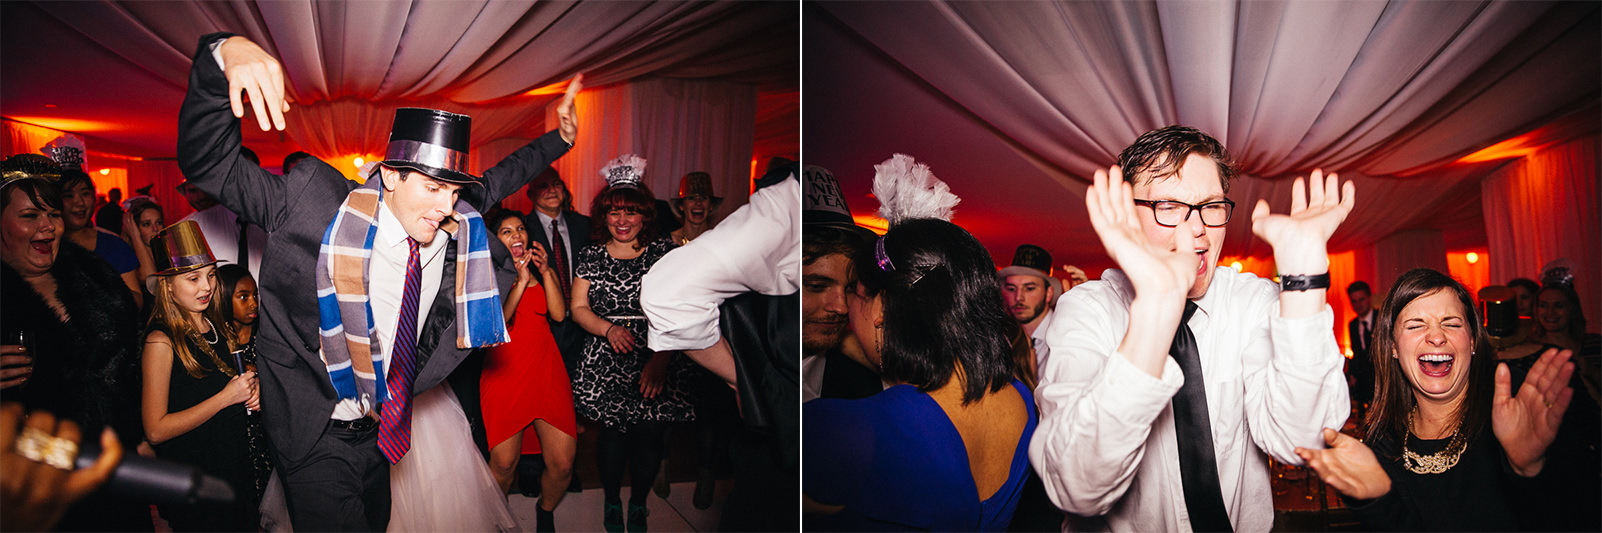 grove-park-inn-asheville-nc-wedding-155.jpg